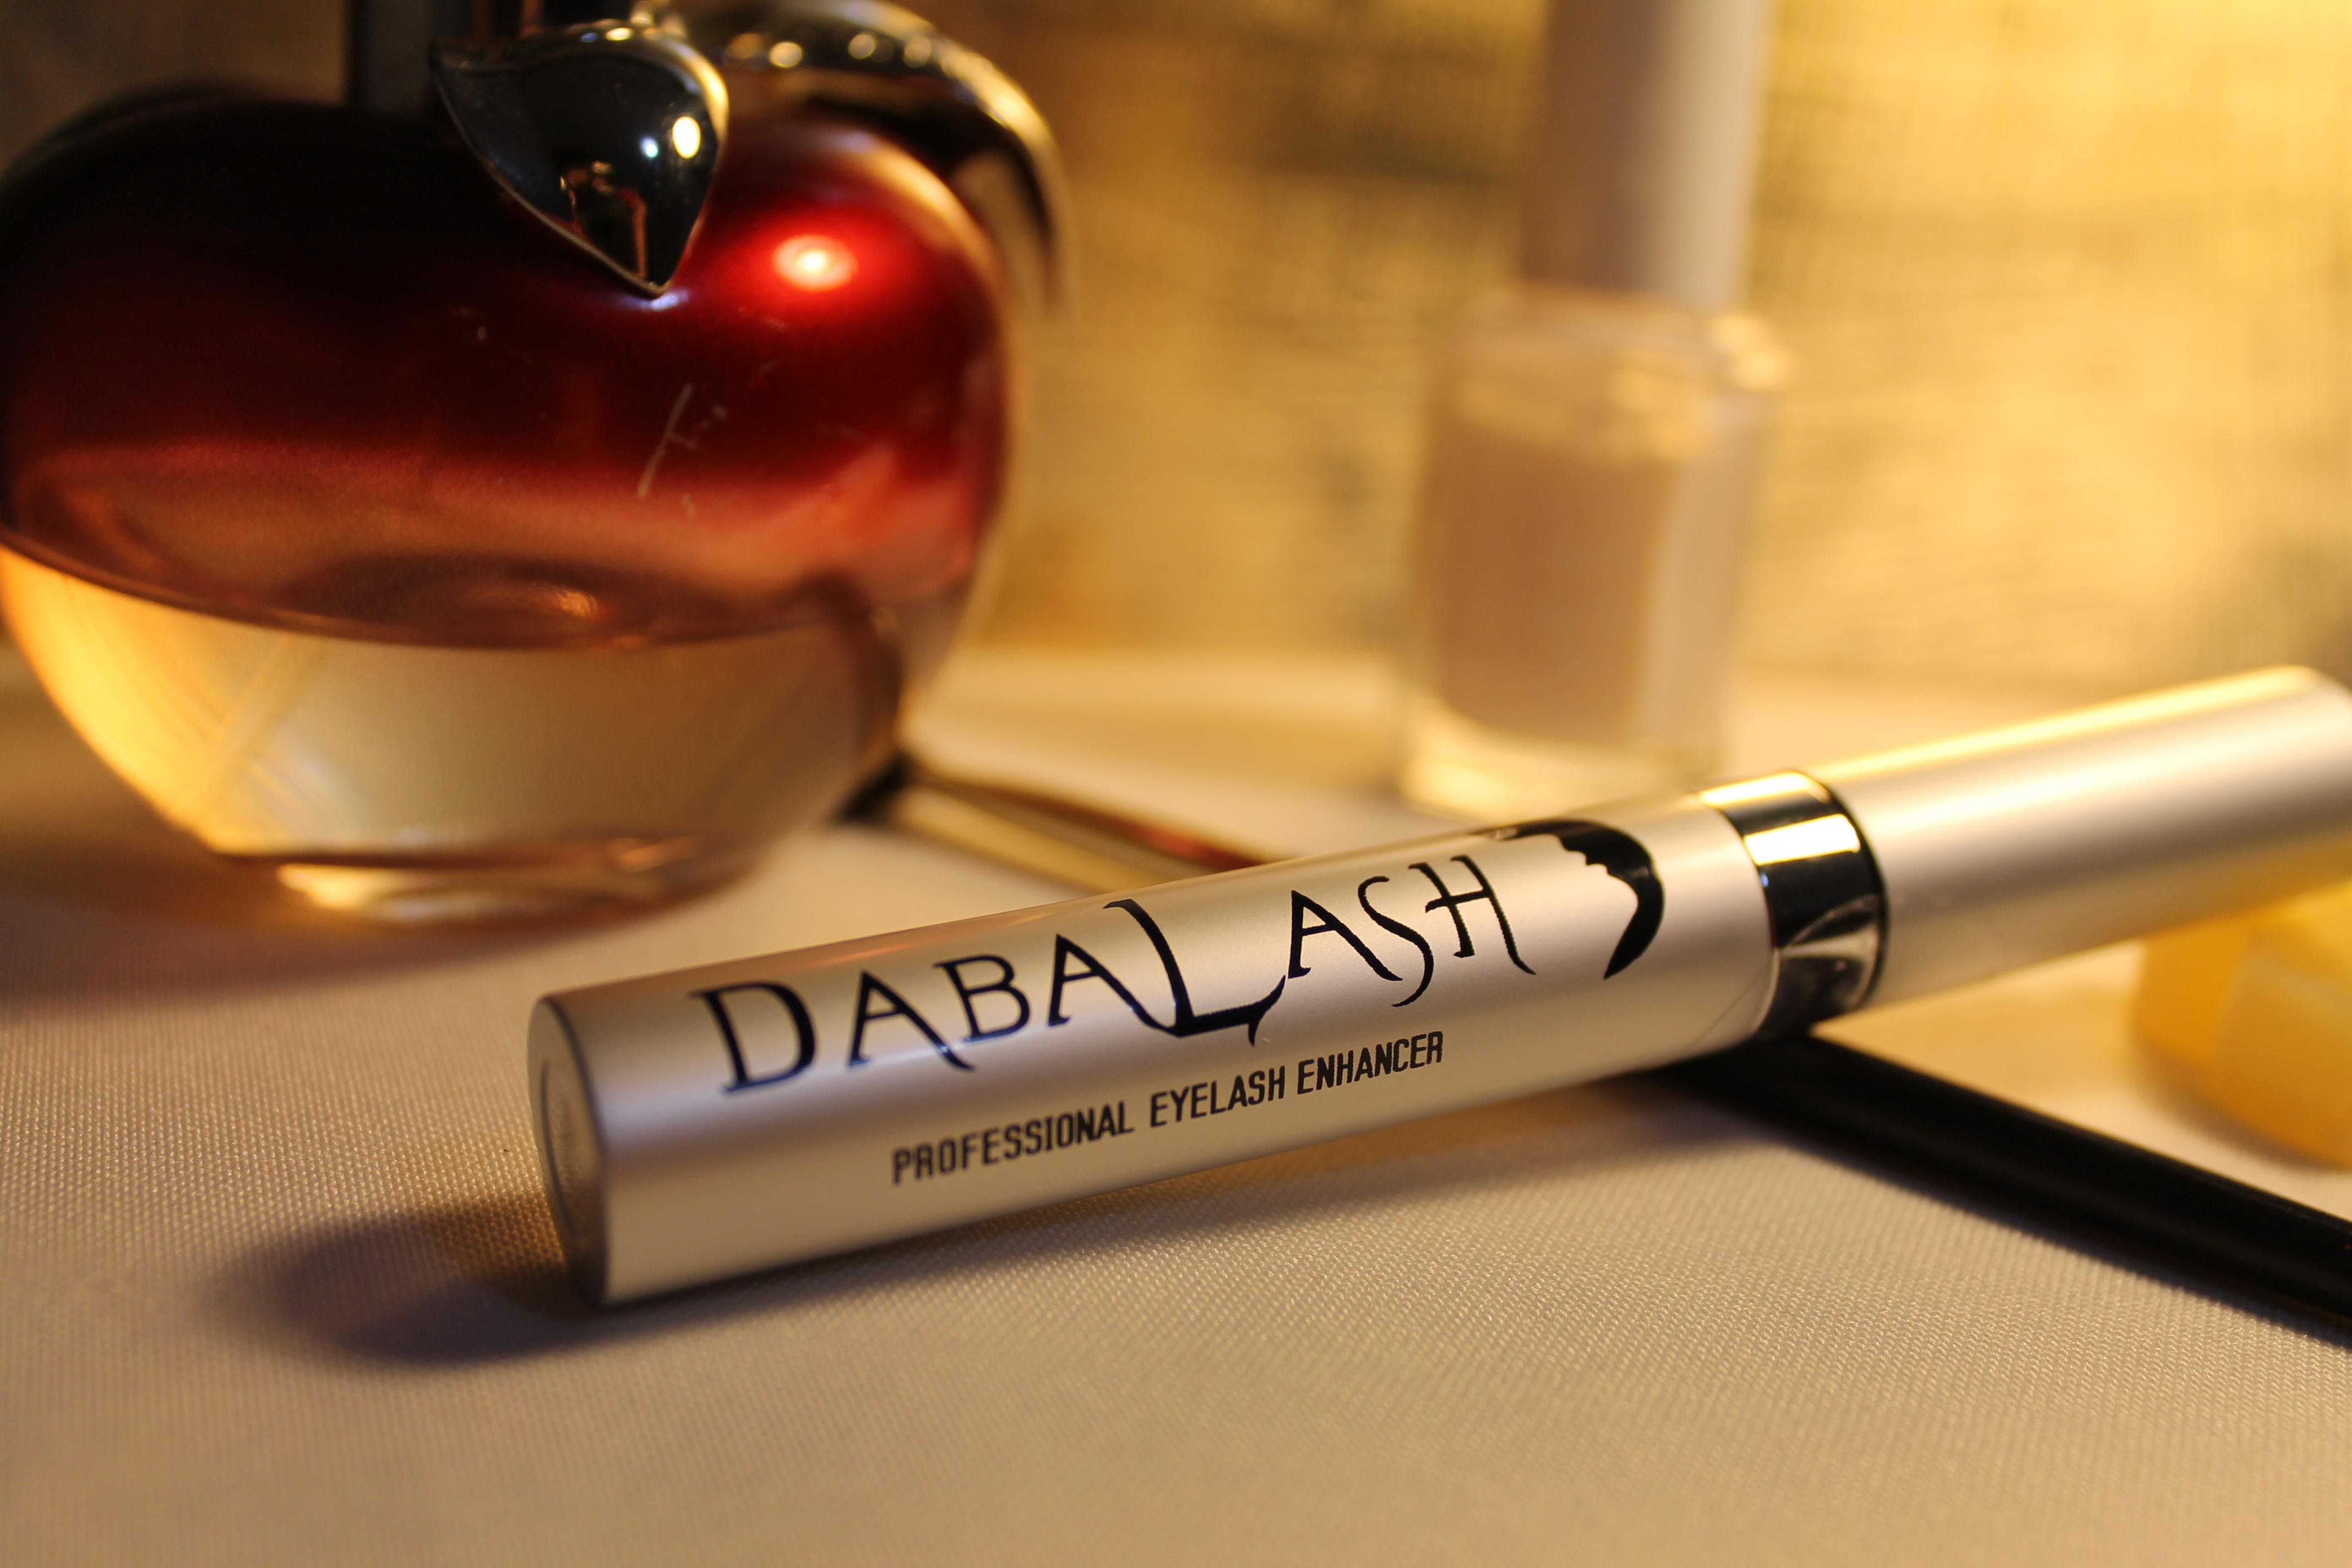 ¡Pestañas Soñadas! Con Dabalash